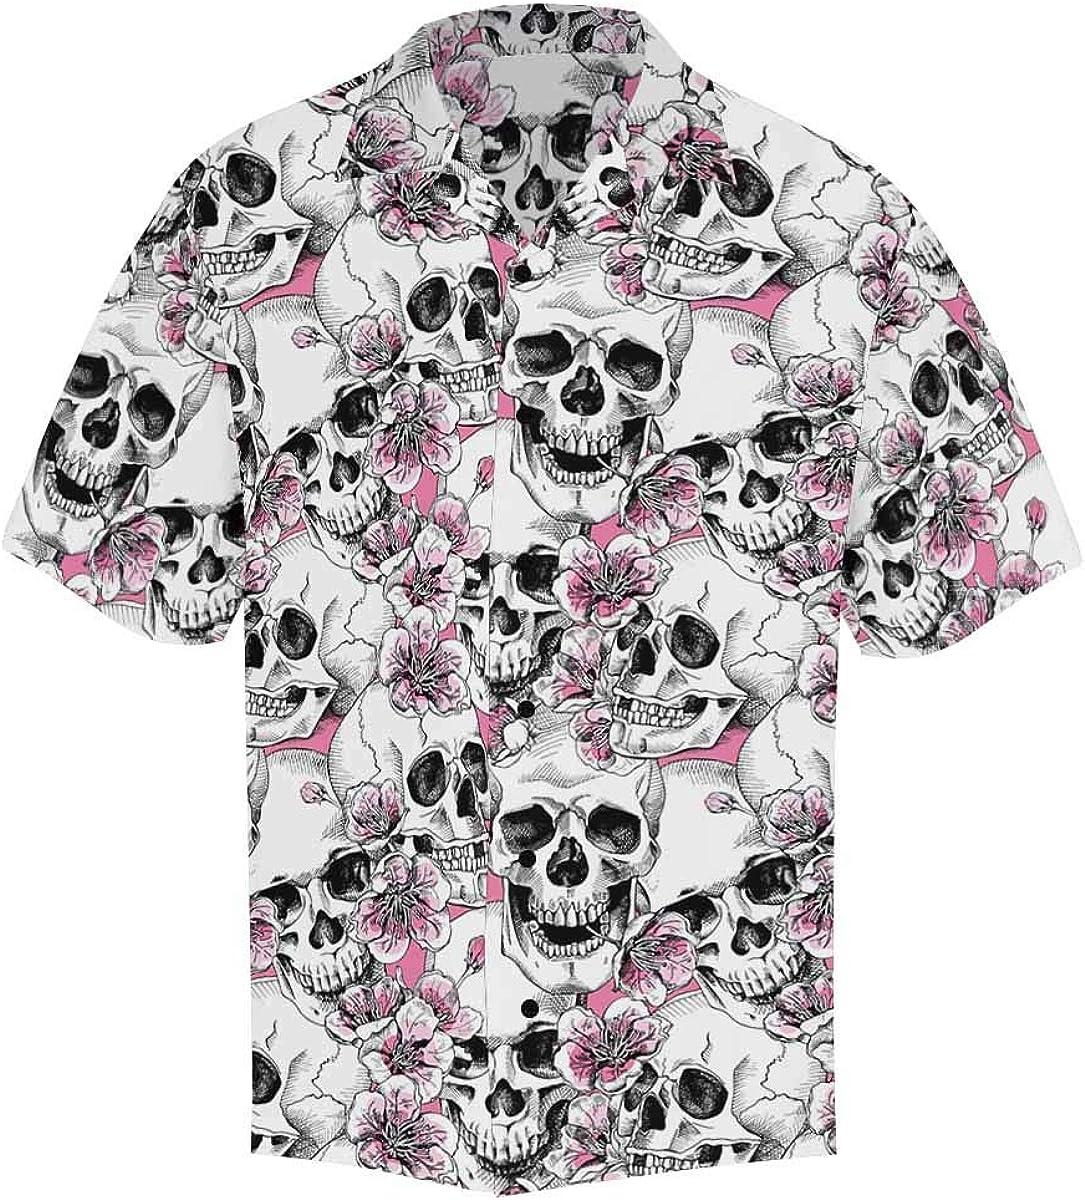 InterestPrint Men's Casual Button Down Short Sleeve Pirate Skull Blood Hawaiian Shirt (S-5XL)